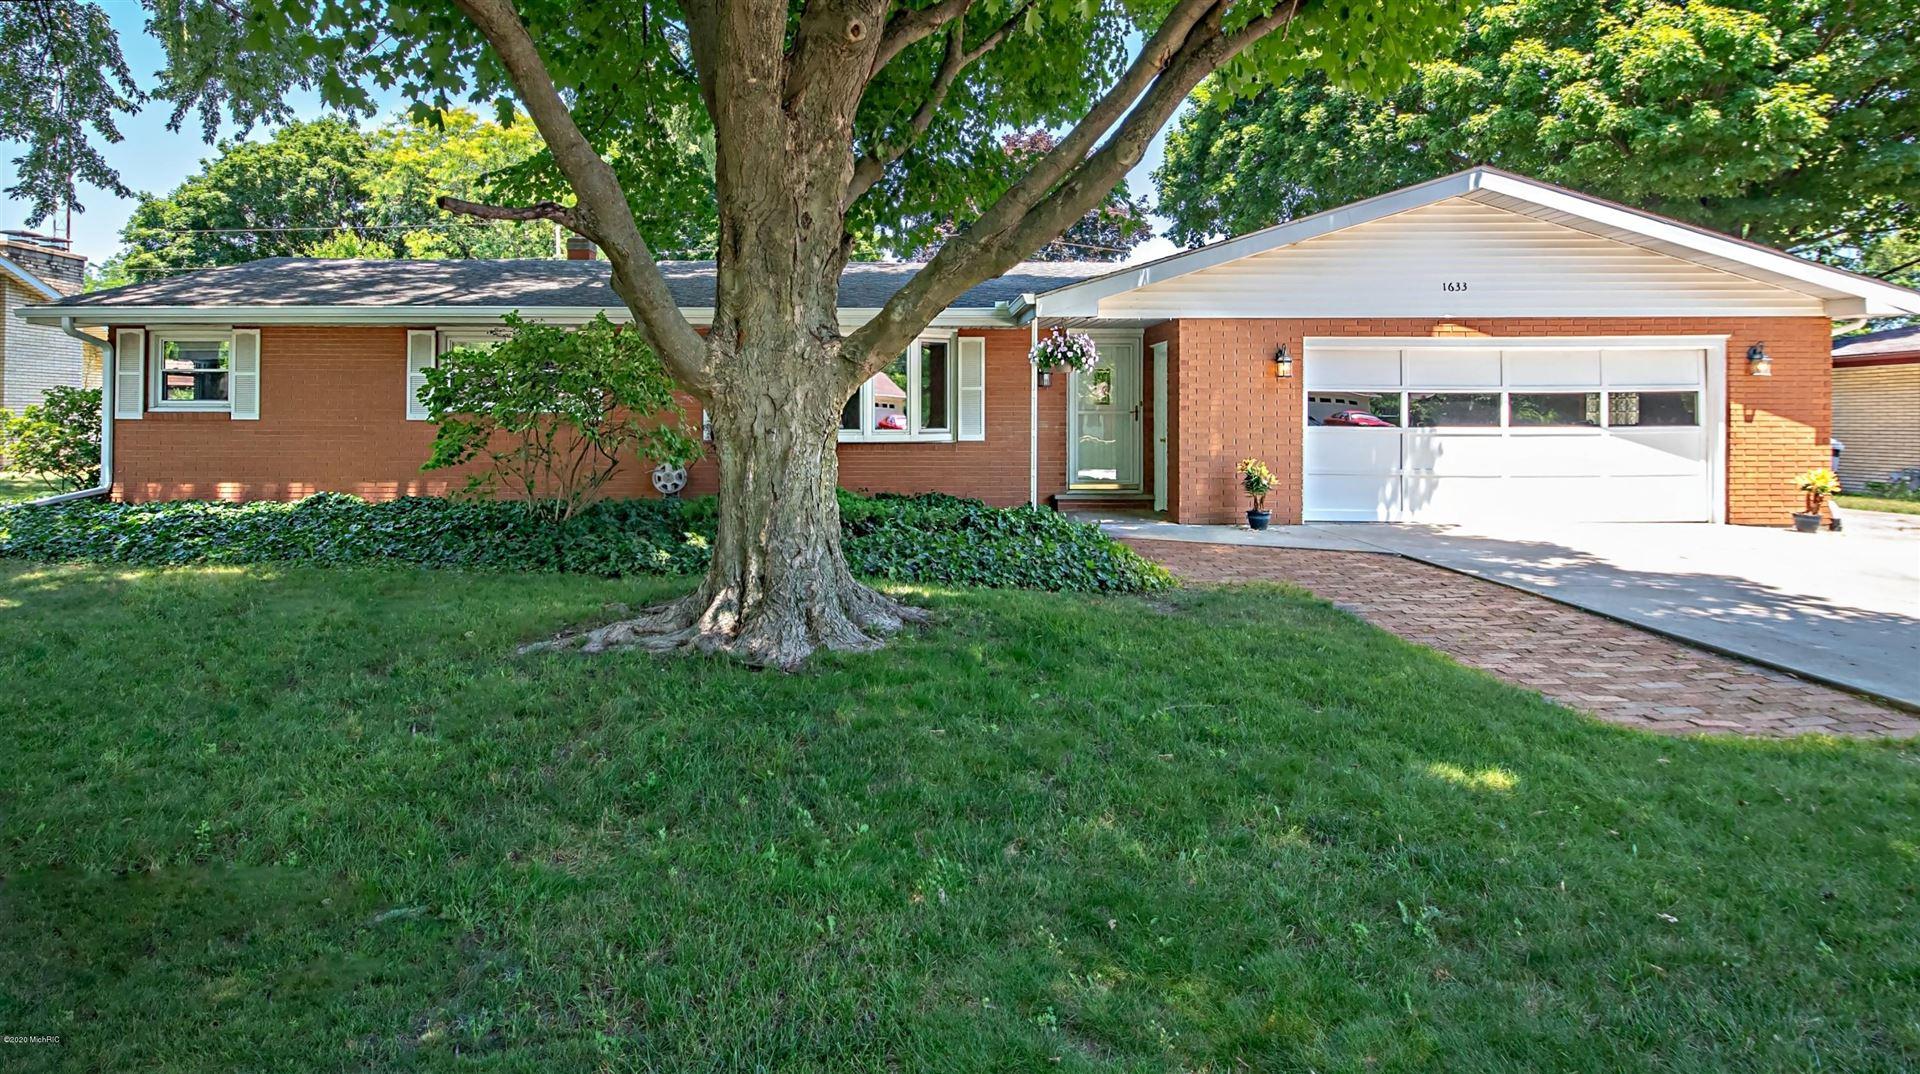 1633 N Teakwood Drive, Stevensville, MI 49127 - MLS#: 20026305